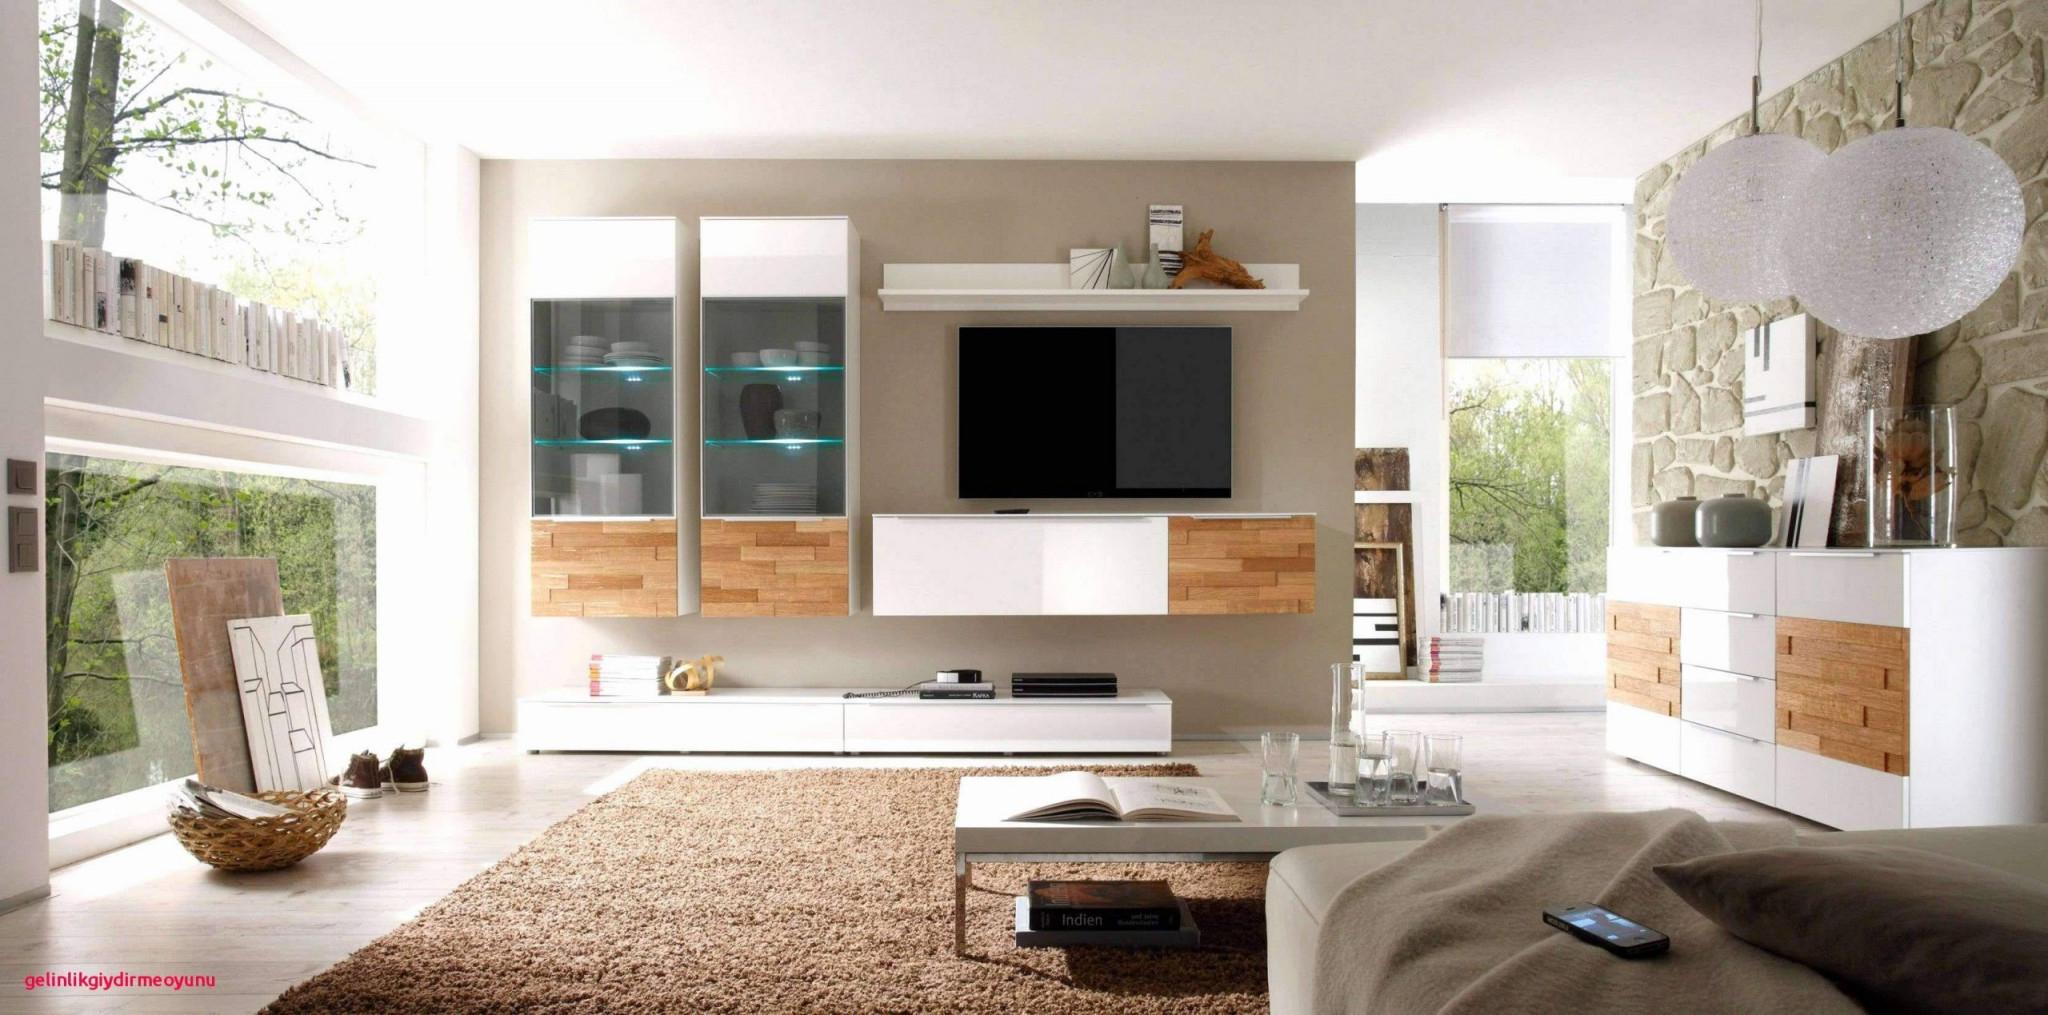 Wohnzimmer Holz Modern Reizend Deko Ideen Wohnzimmer Holz von Moderne Holzmöbel Wohnzimmer Photo